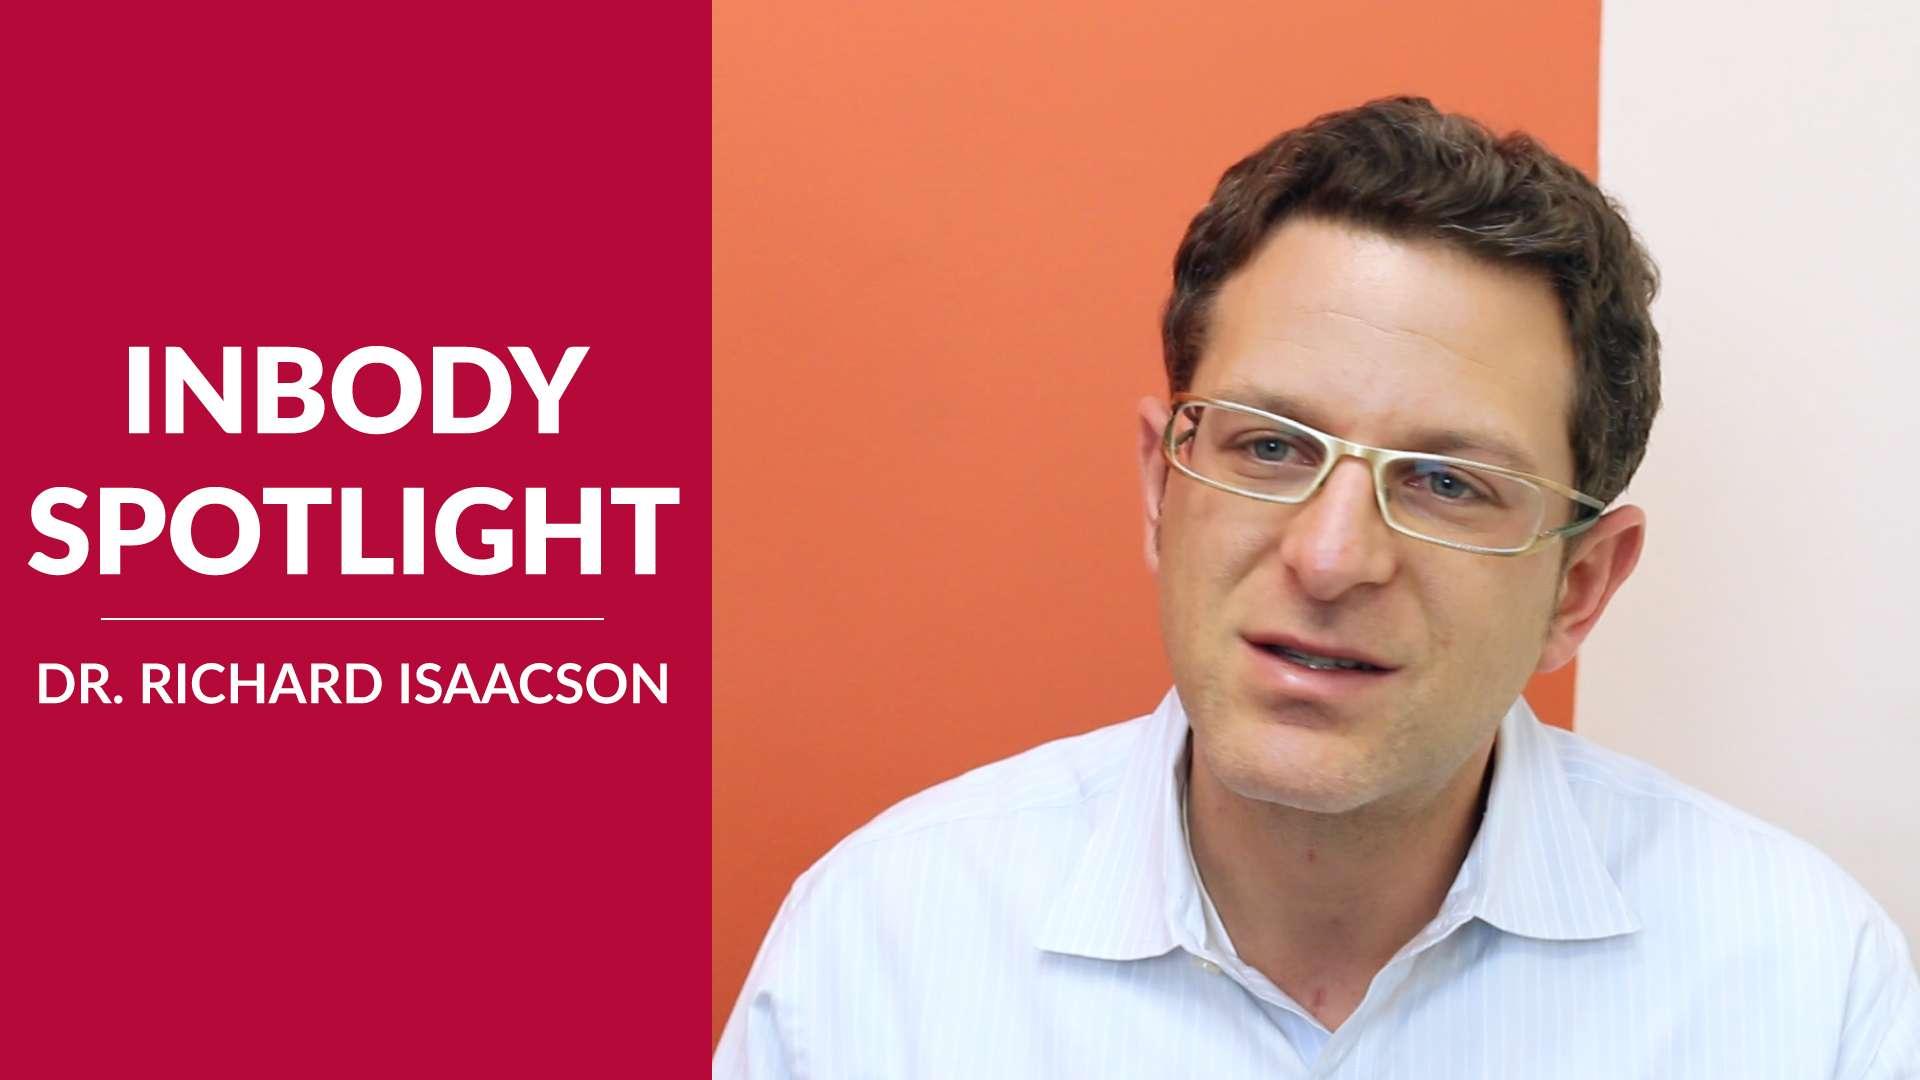 inbody spotlight video thumbnail dr. richard isaacson